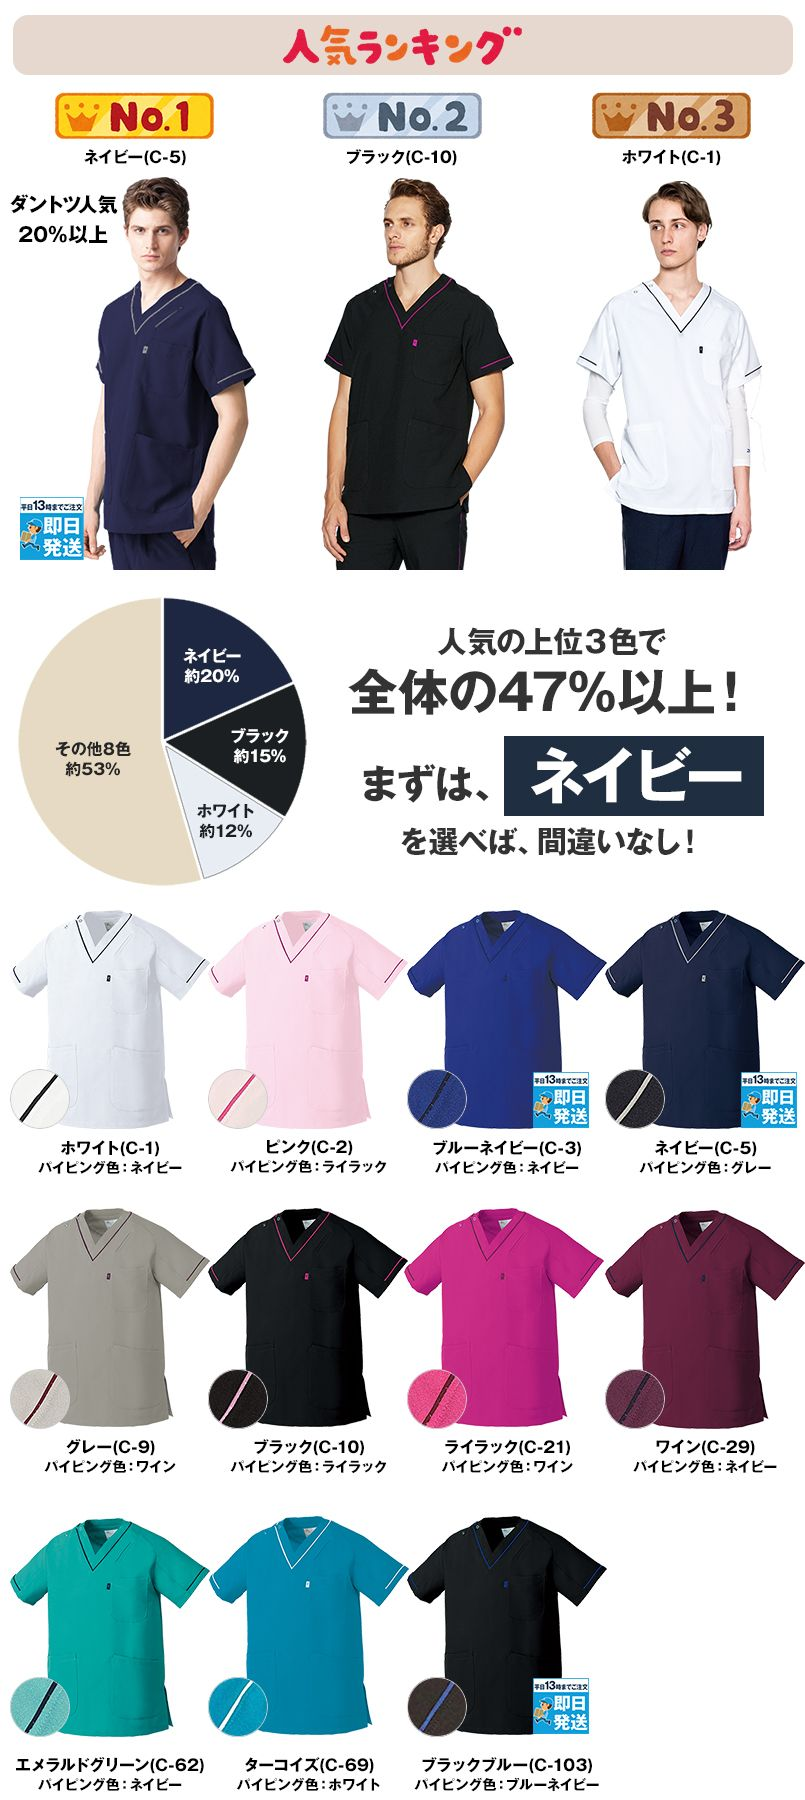 MZ-0092 ミズノ(mizuno) ストレッチスクラブ(男女兼用) 色展開